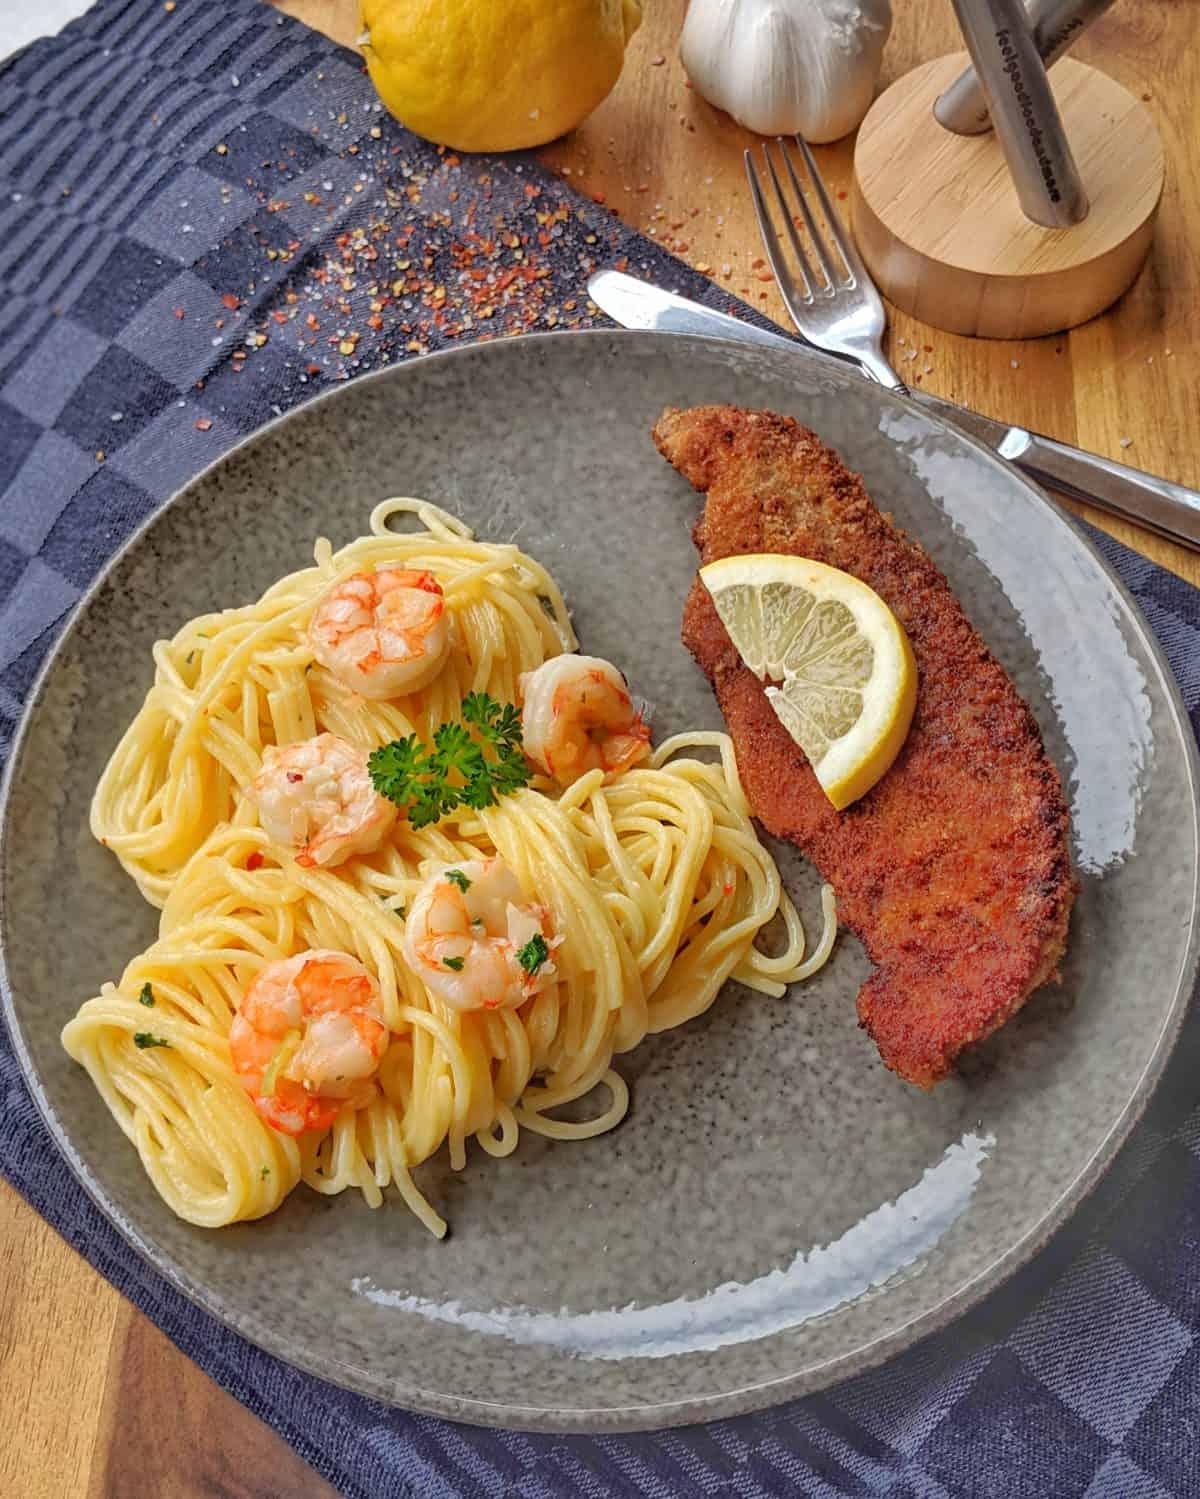 Ein grauer Teller mit Spaghetti Aglio Olio mit Scampi und Parmesanschnitzel. Dahinter eine Zitrone, Knoblauch und Deko.